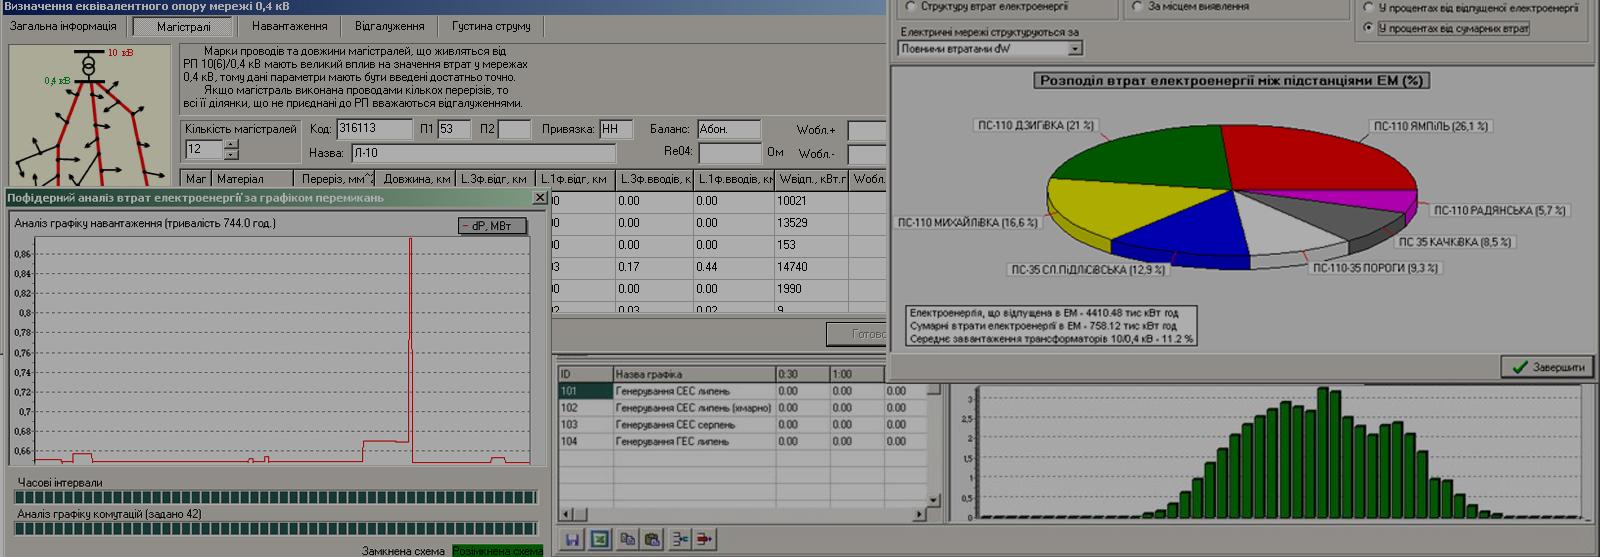 Програмний комплекс розрахунку та аналізу втрат електроенергії